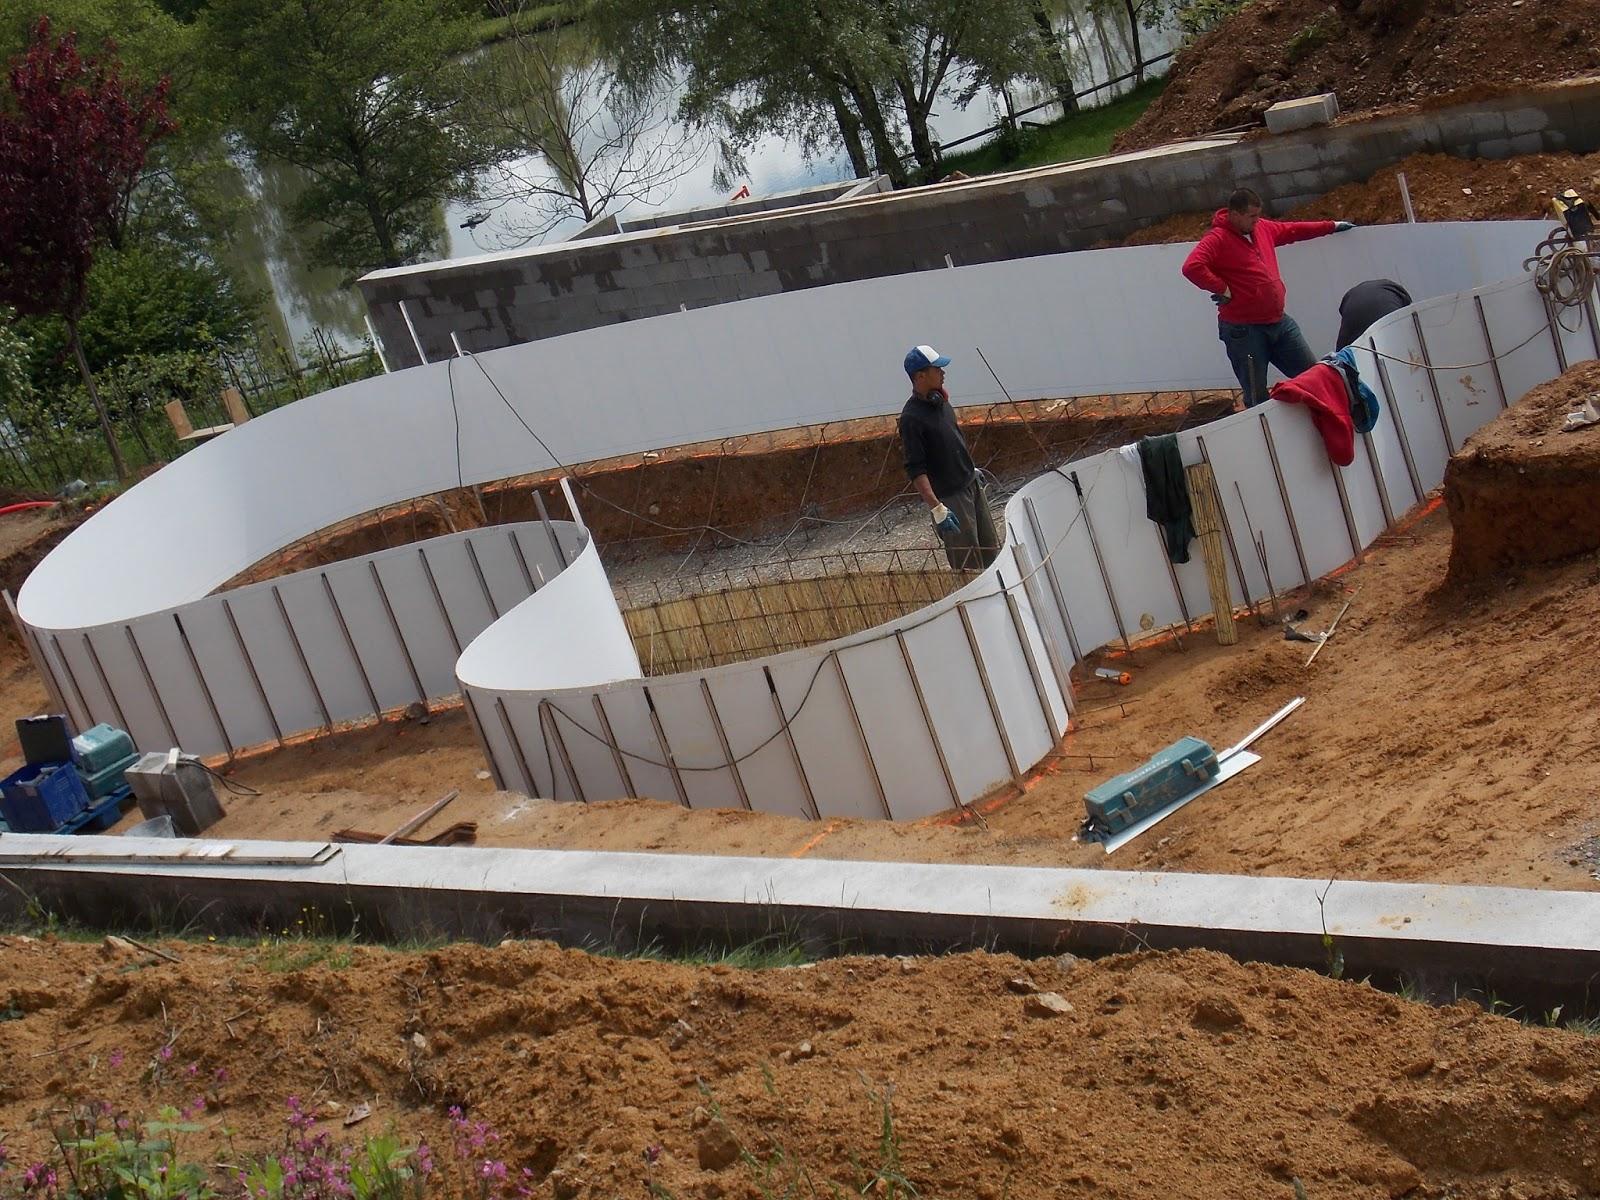 Camping sites et paysages carpodrome tang fougeraie en for Construction piscine 64